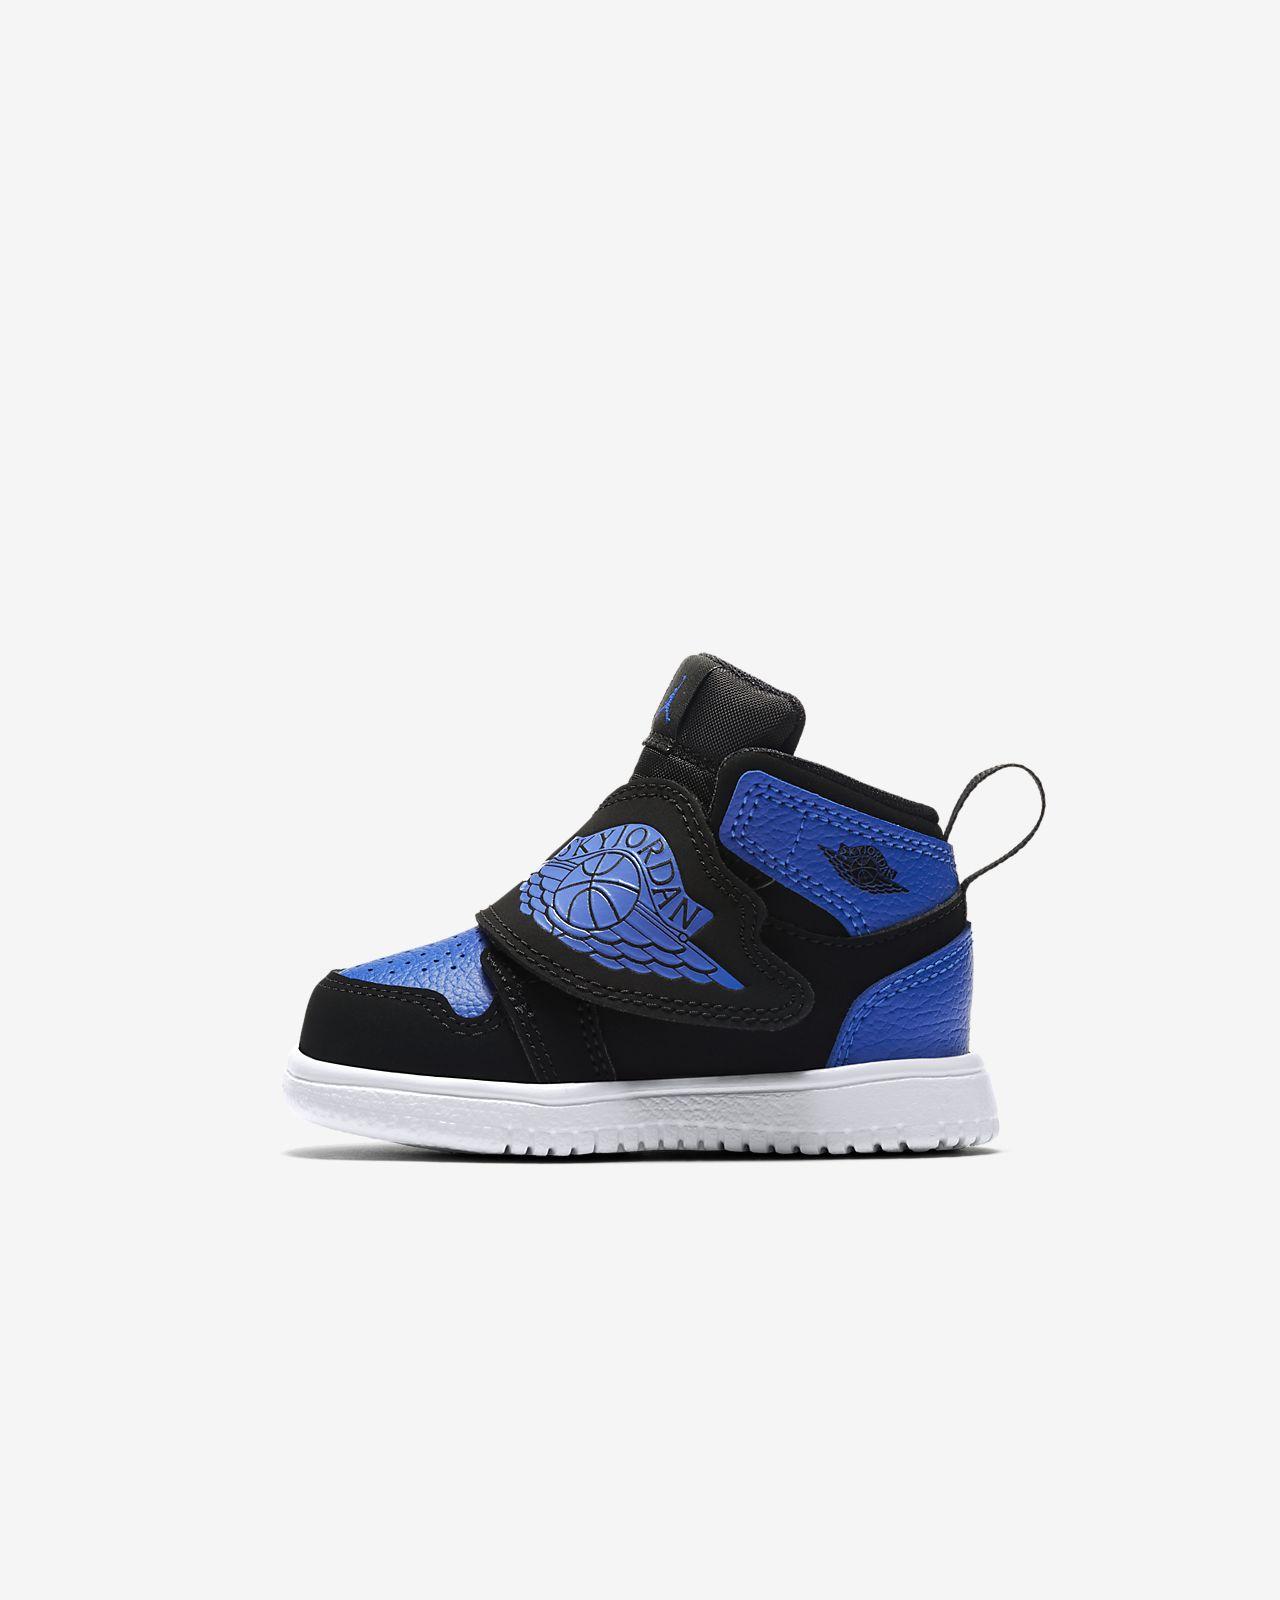 Chaussure Sky Jordan 1 pour Bébé et Petit enfant